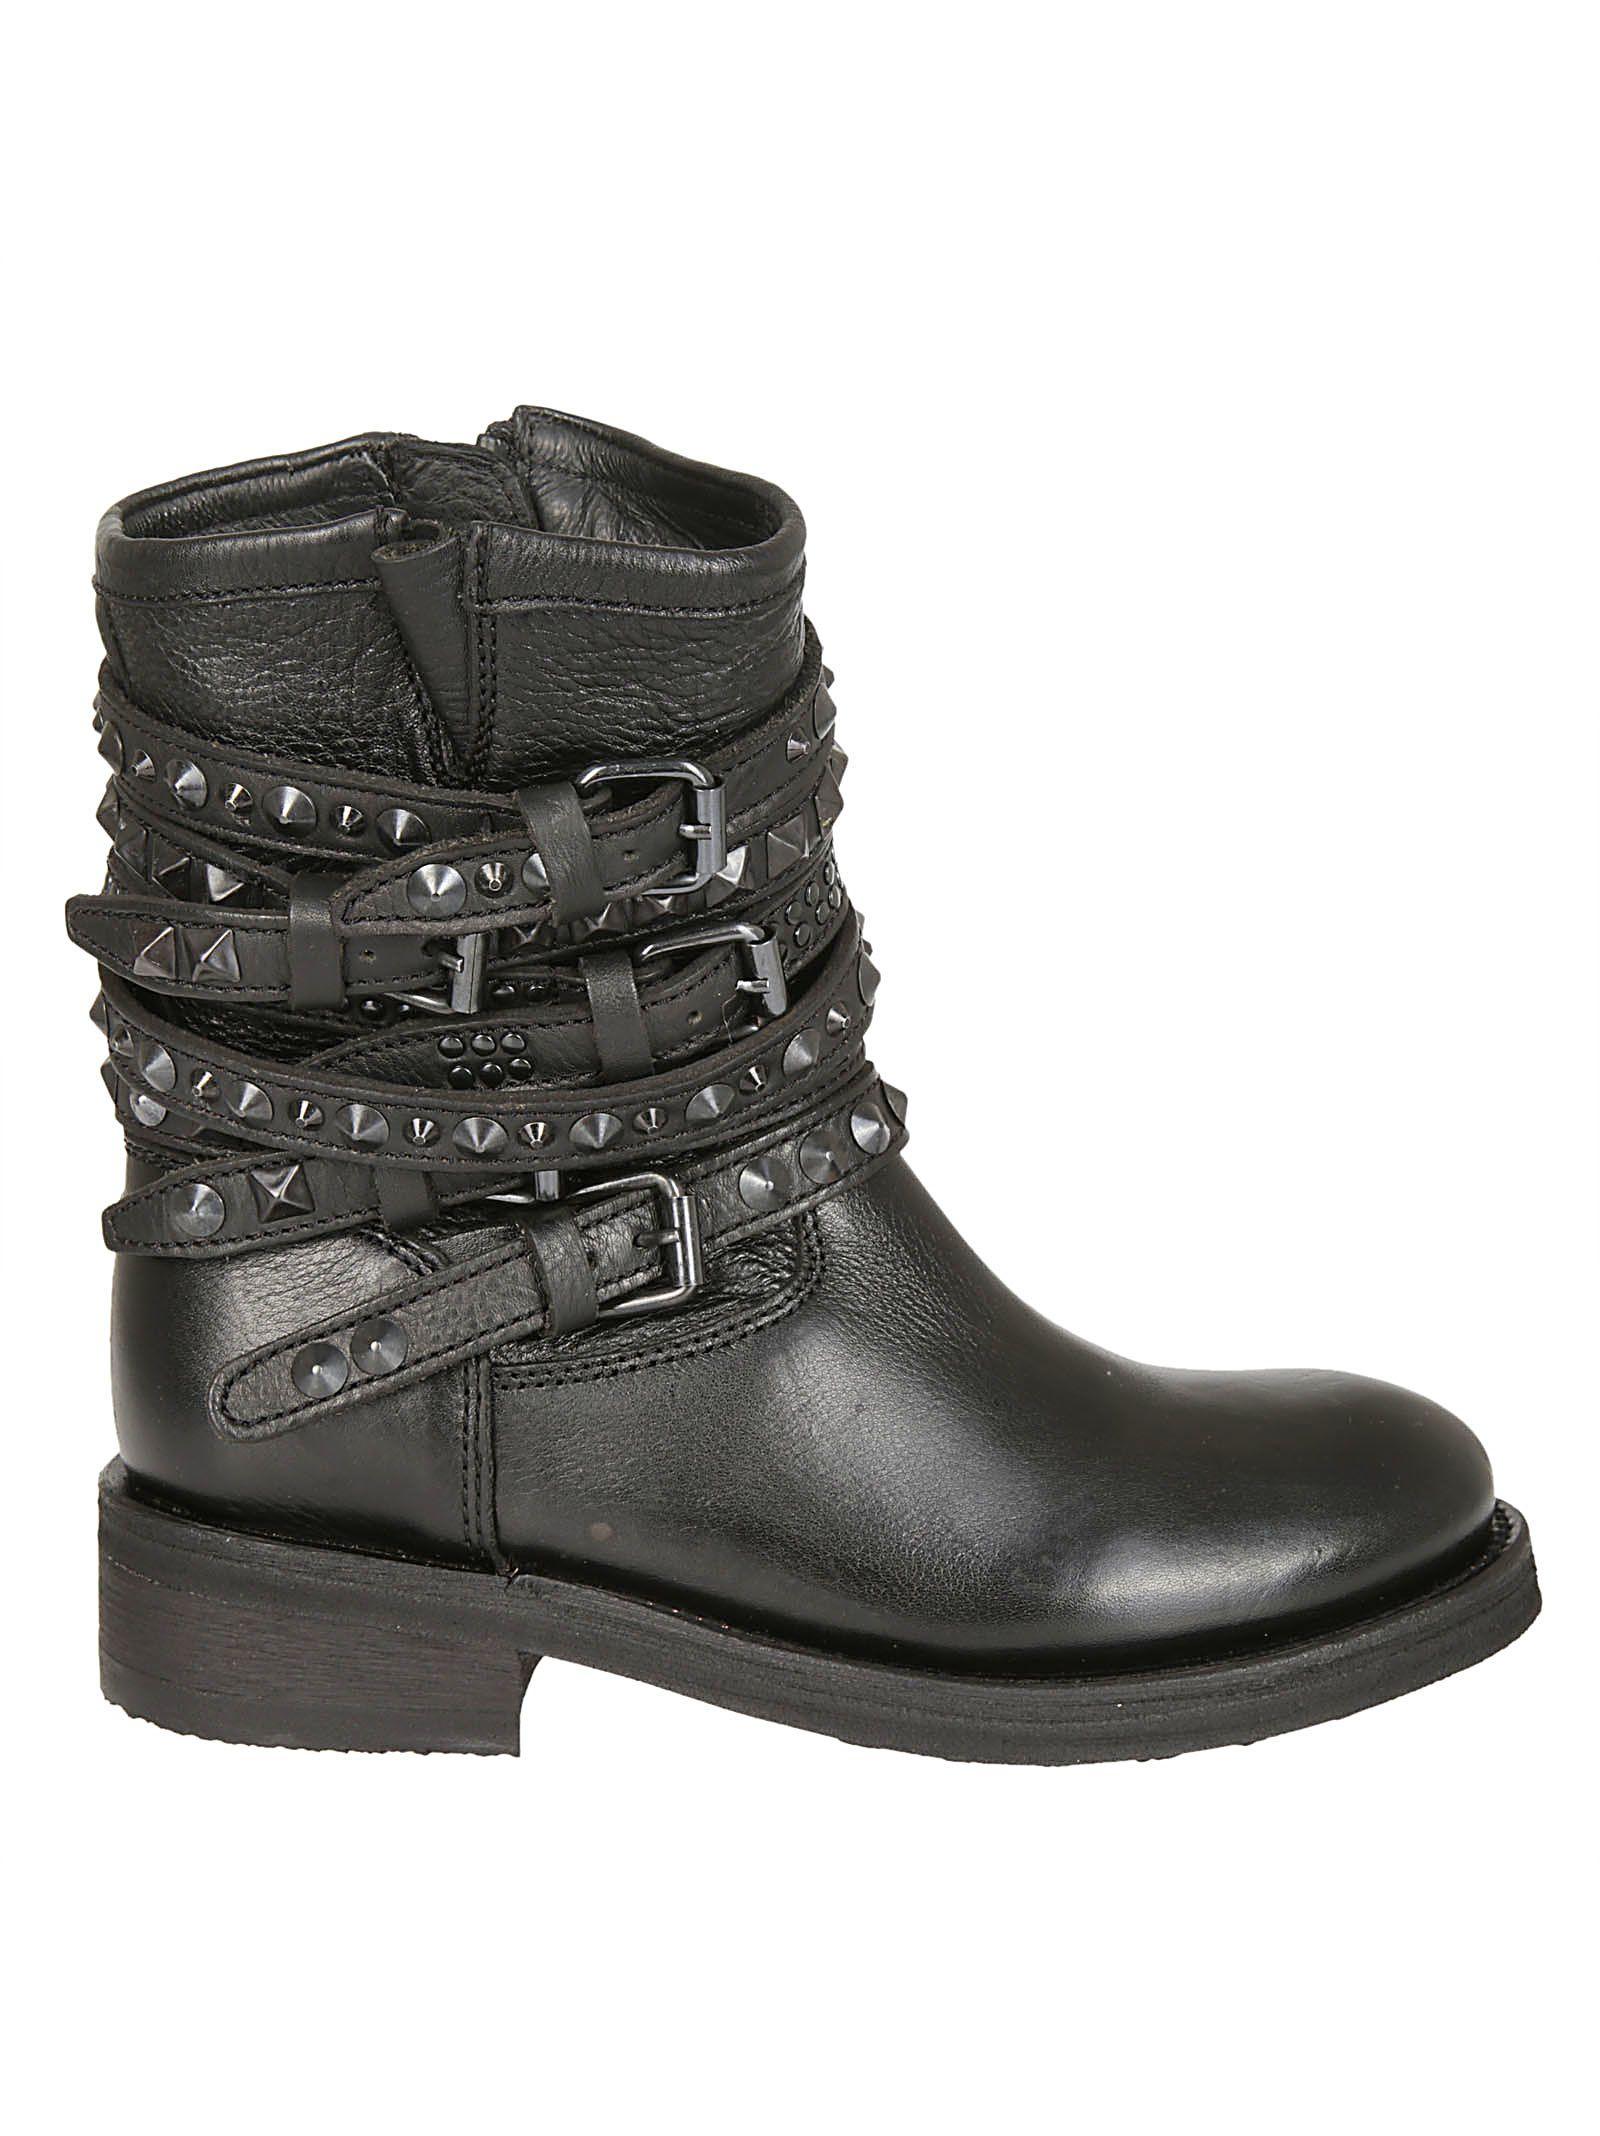 Ash Tempt Biker Boots